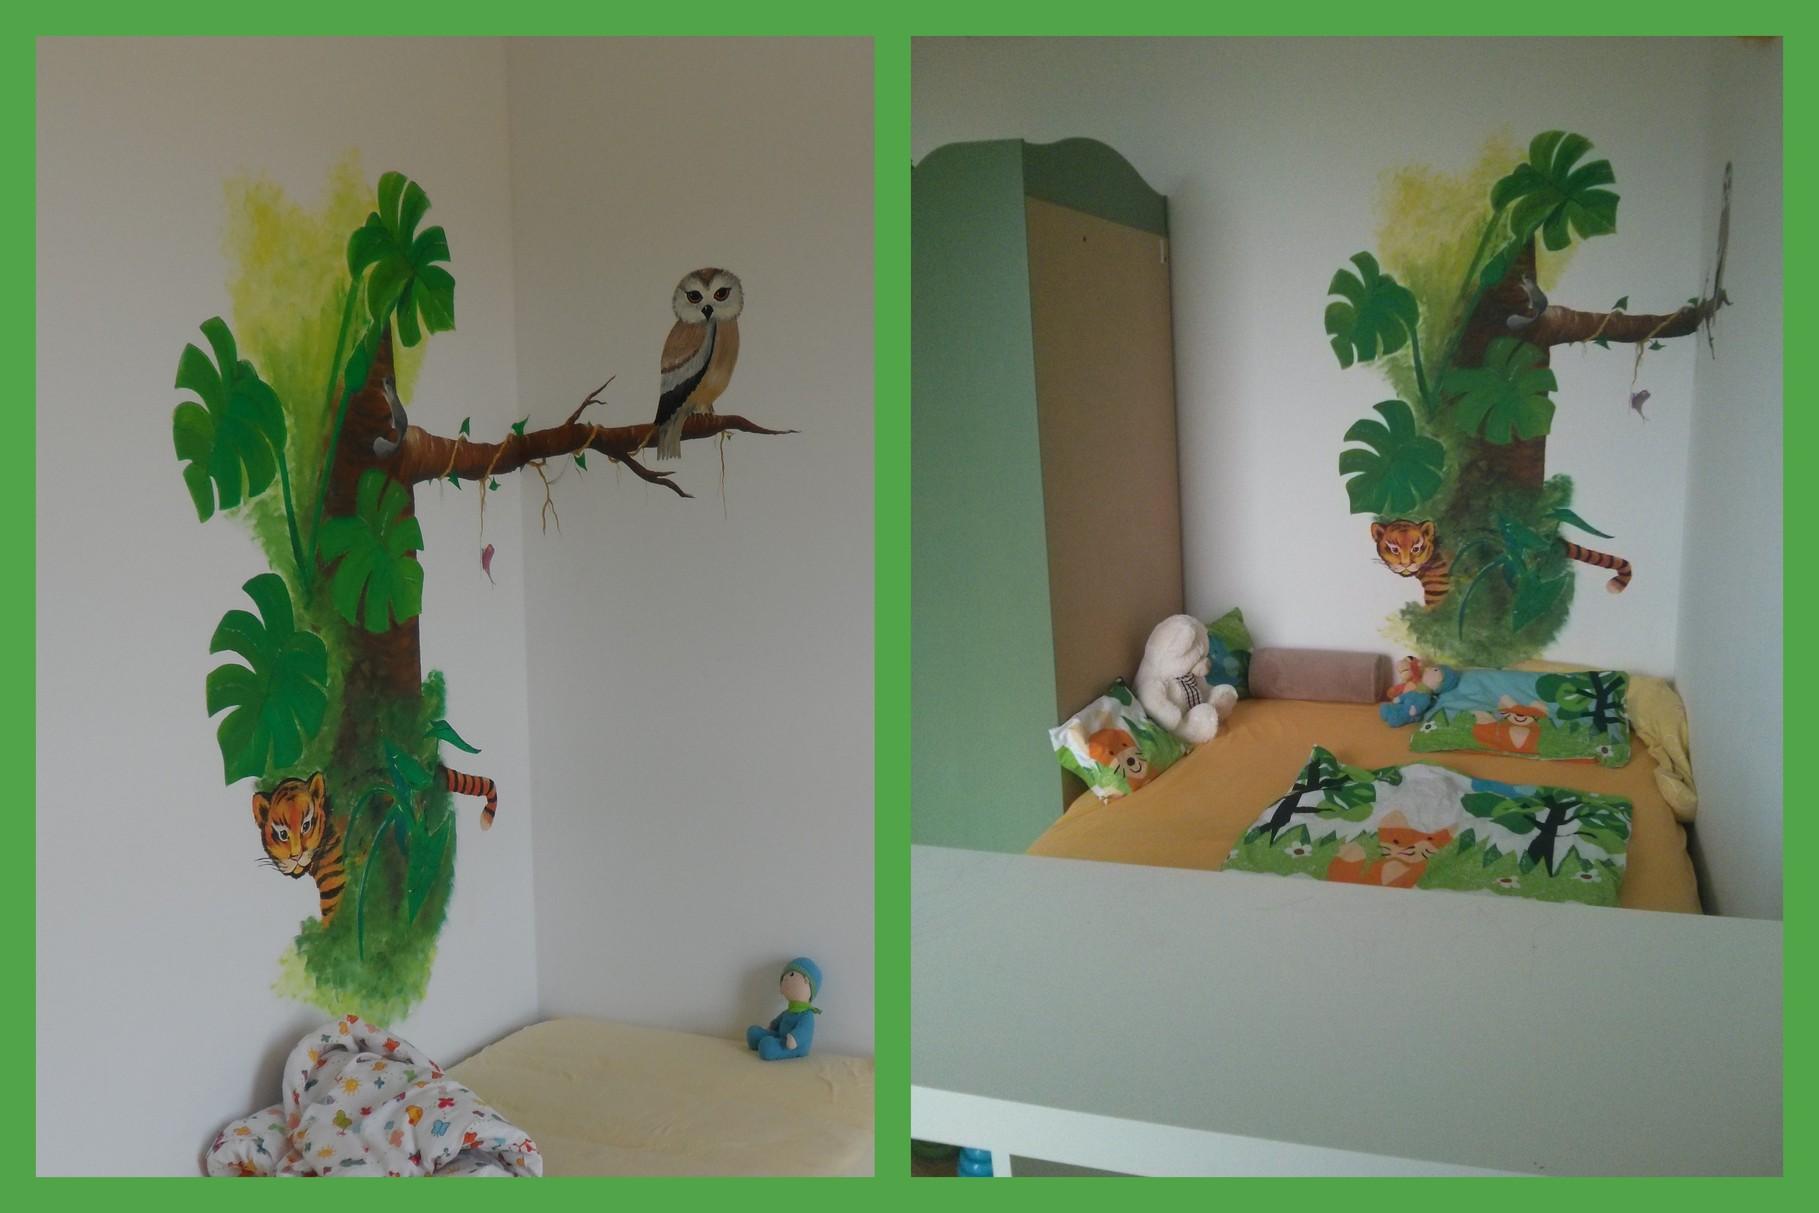 Kinderzimmer Wandgestaltung Dschungel